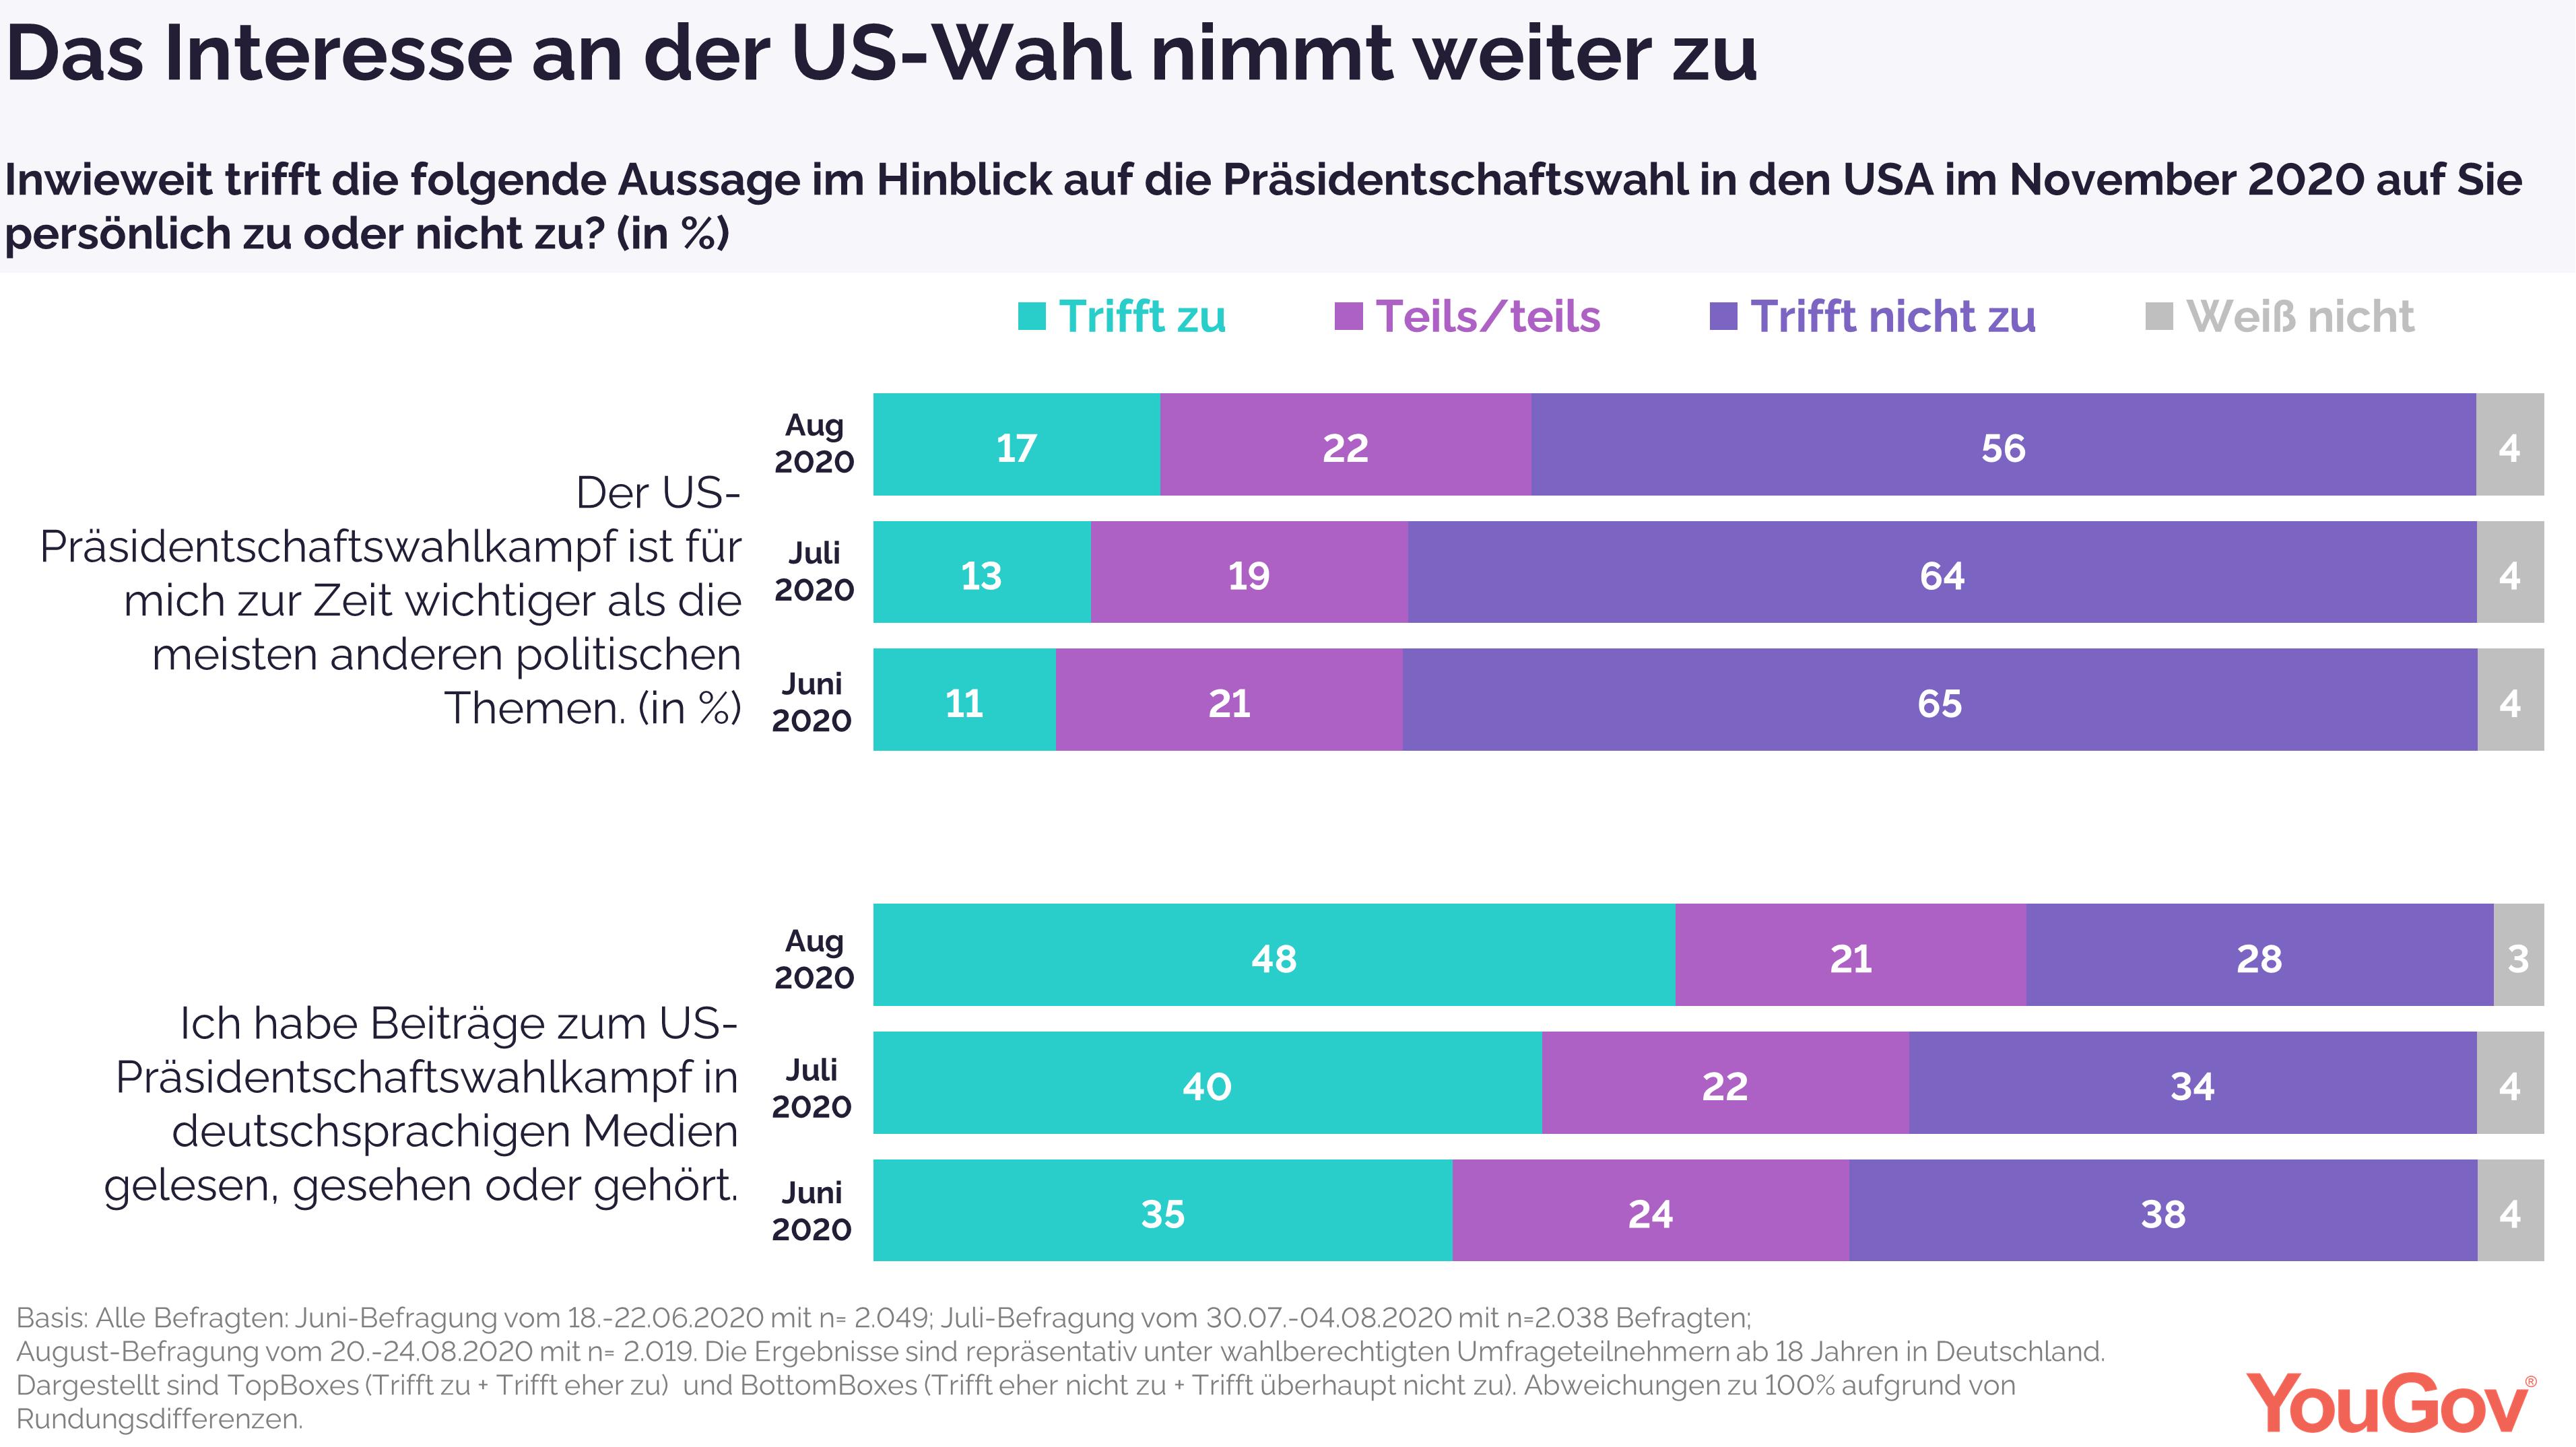 Interesse an der Wahl nimmt in Deutschland zu